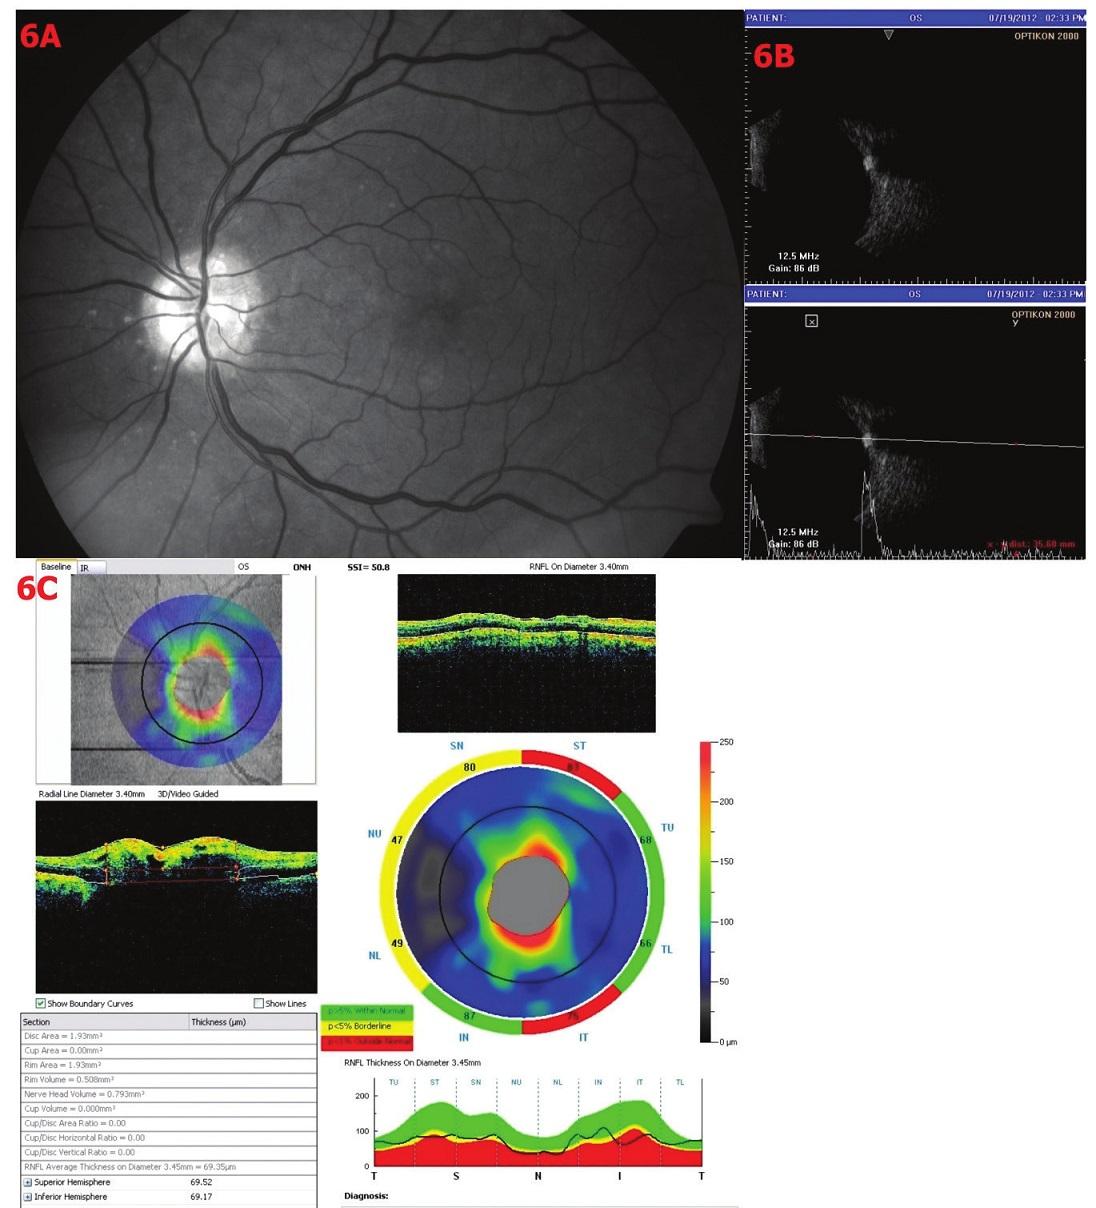 Drúzová papila stupně II. 6A – Red-free fotografie – papila neostře ohraničená, okraje papily hrbolaté – drúzy, 6B – Sonografie A i B scan – v oblasti papily ZN vysoce echogenní ložisko, odpovídající klinickému nálezu drúzy, 6C – OCT – analýza RNFL – rozsáhlý úbytek RNFL, TSNIT křivka superiorně při hranici normy, pod dolní hranicí inferiorně, průměrná tloušťka RNFL je 69,35 μm